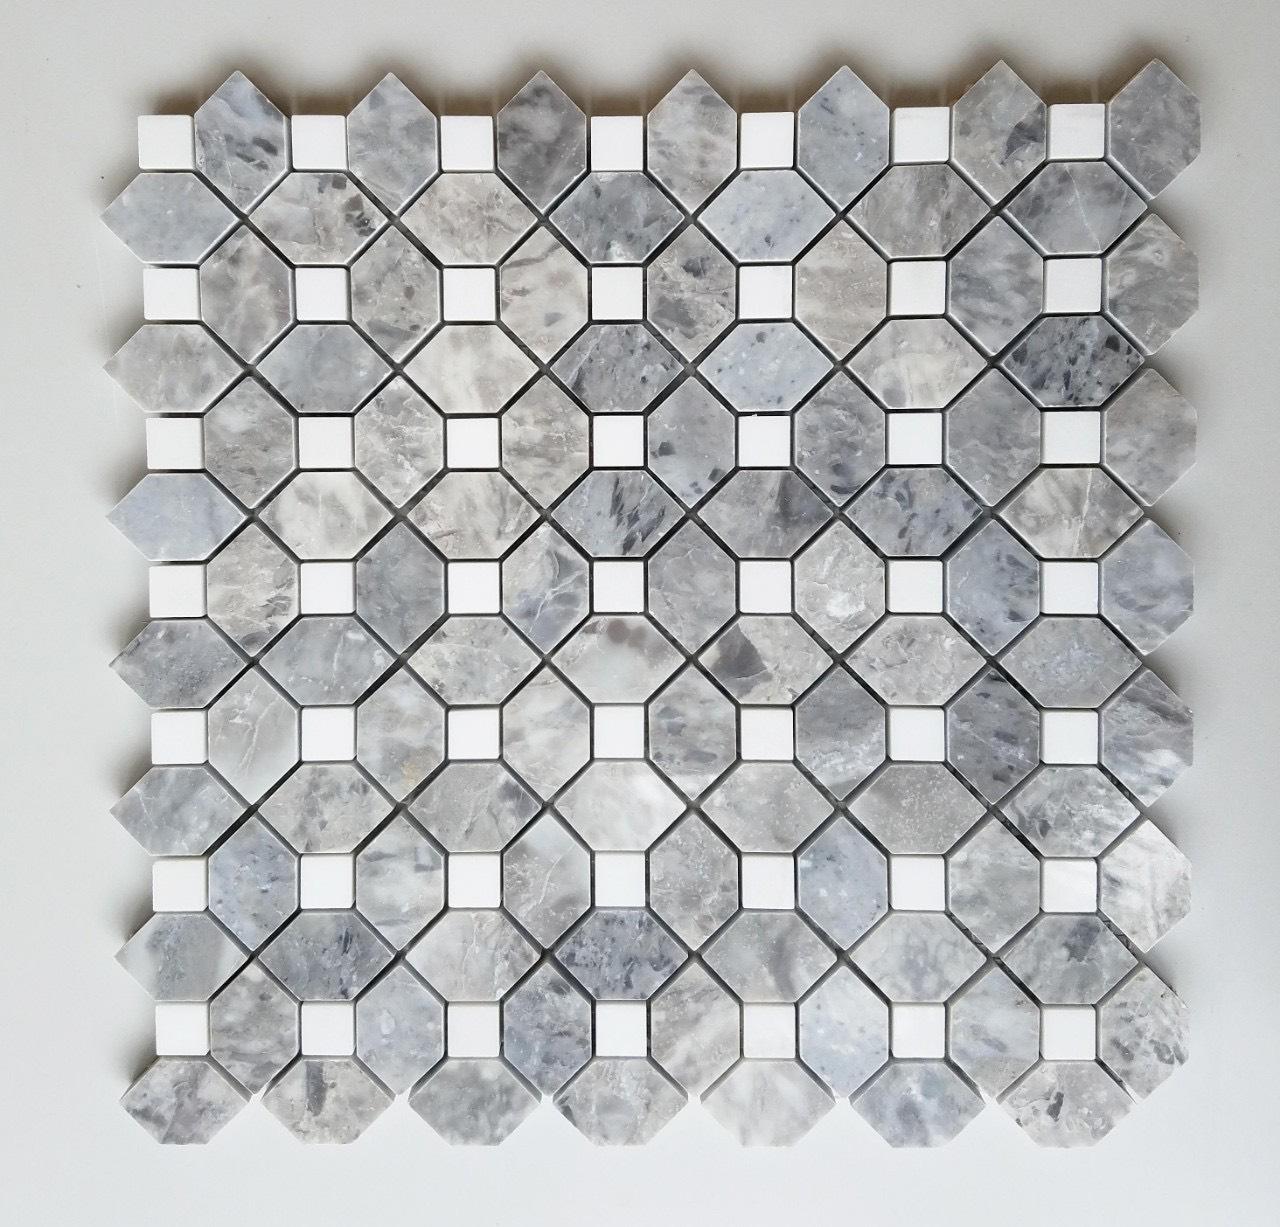 gach da mosaic da tu nhien marble mau xam den